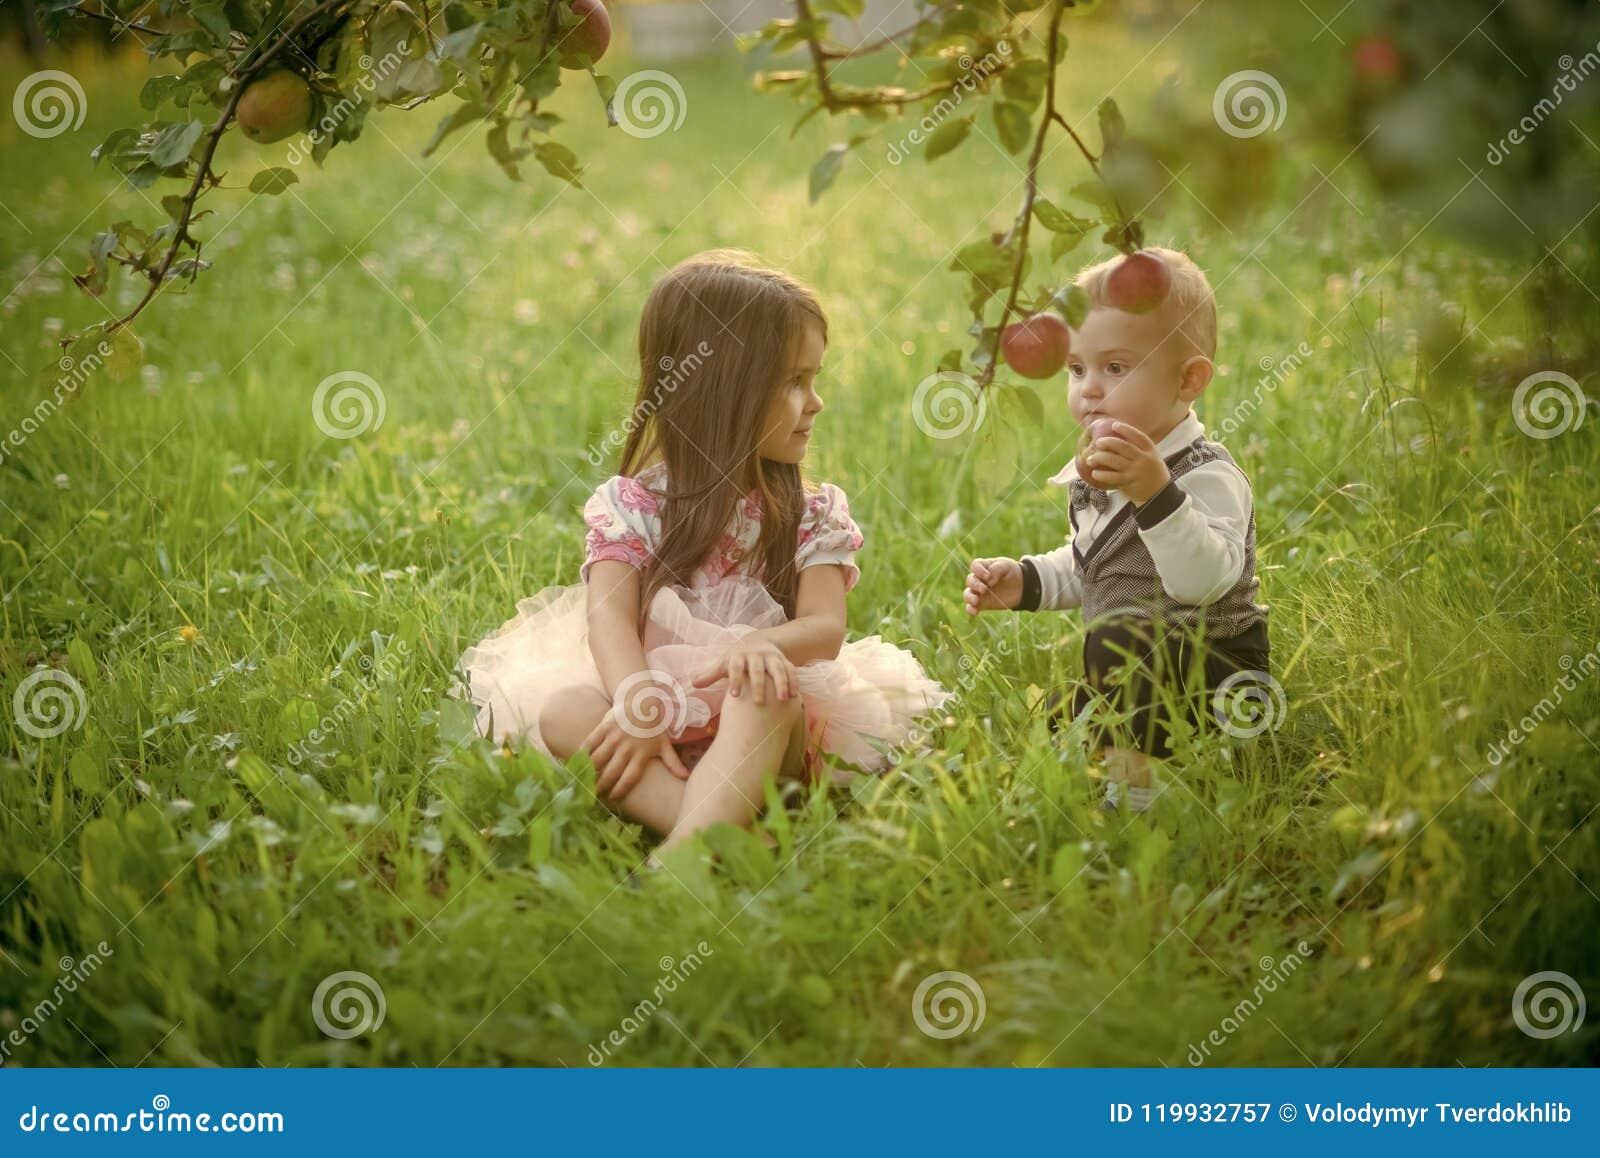 Konzept von Kindern auf Sommerferien Kinder sitzen unter Apfelbaum im Sommerpark